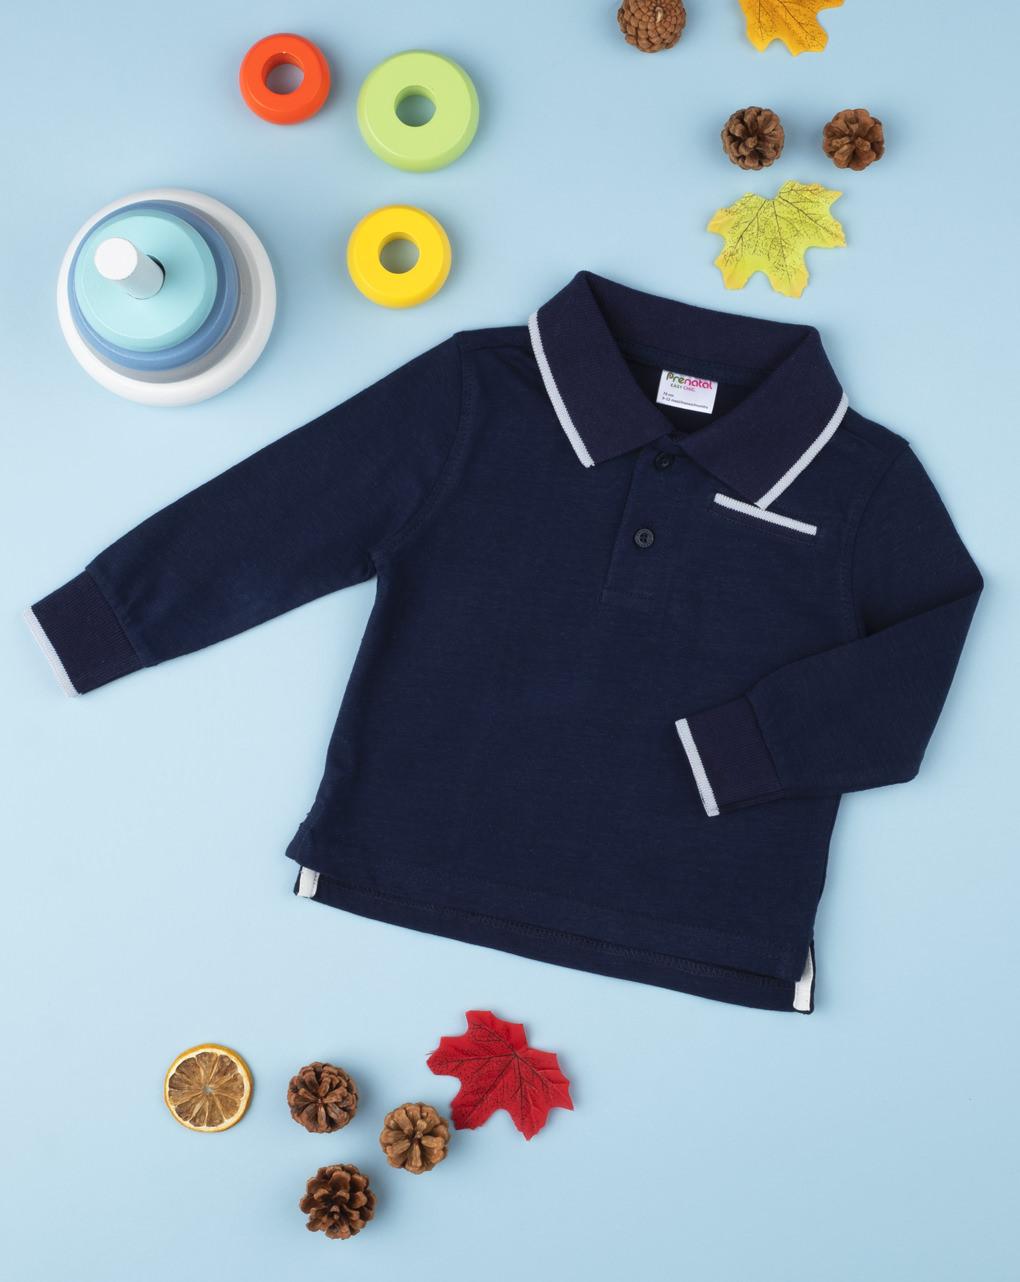 Μπλούζα Πόλο Μακρυμάνικη Σκούρο Μπλε για Αγόρι